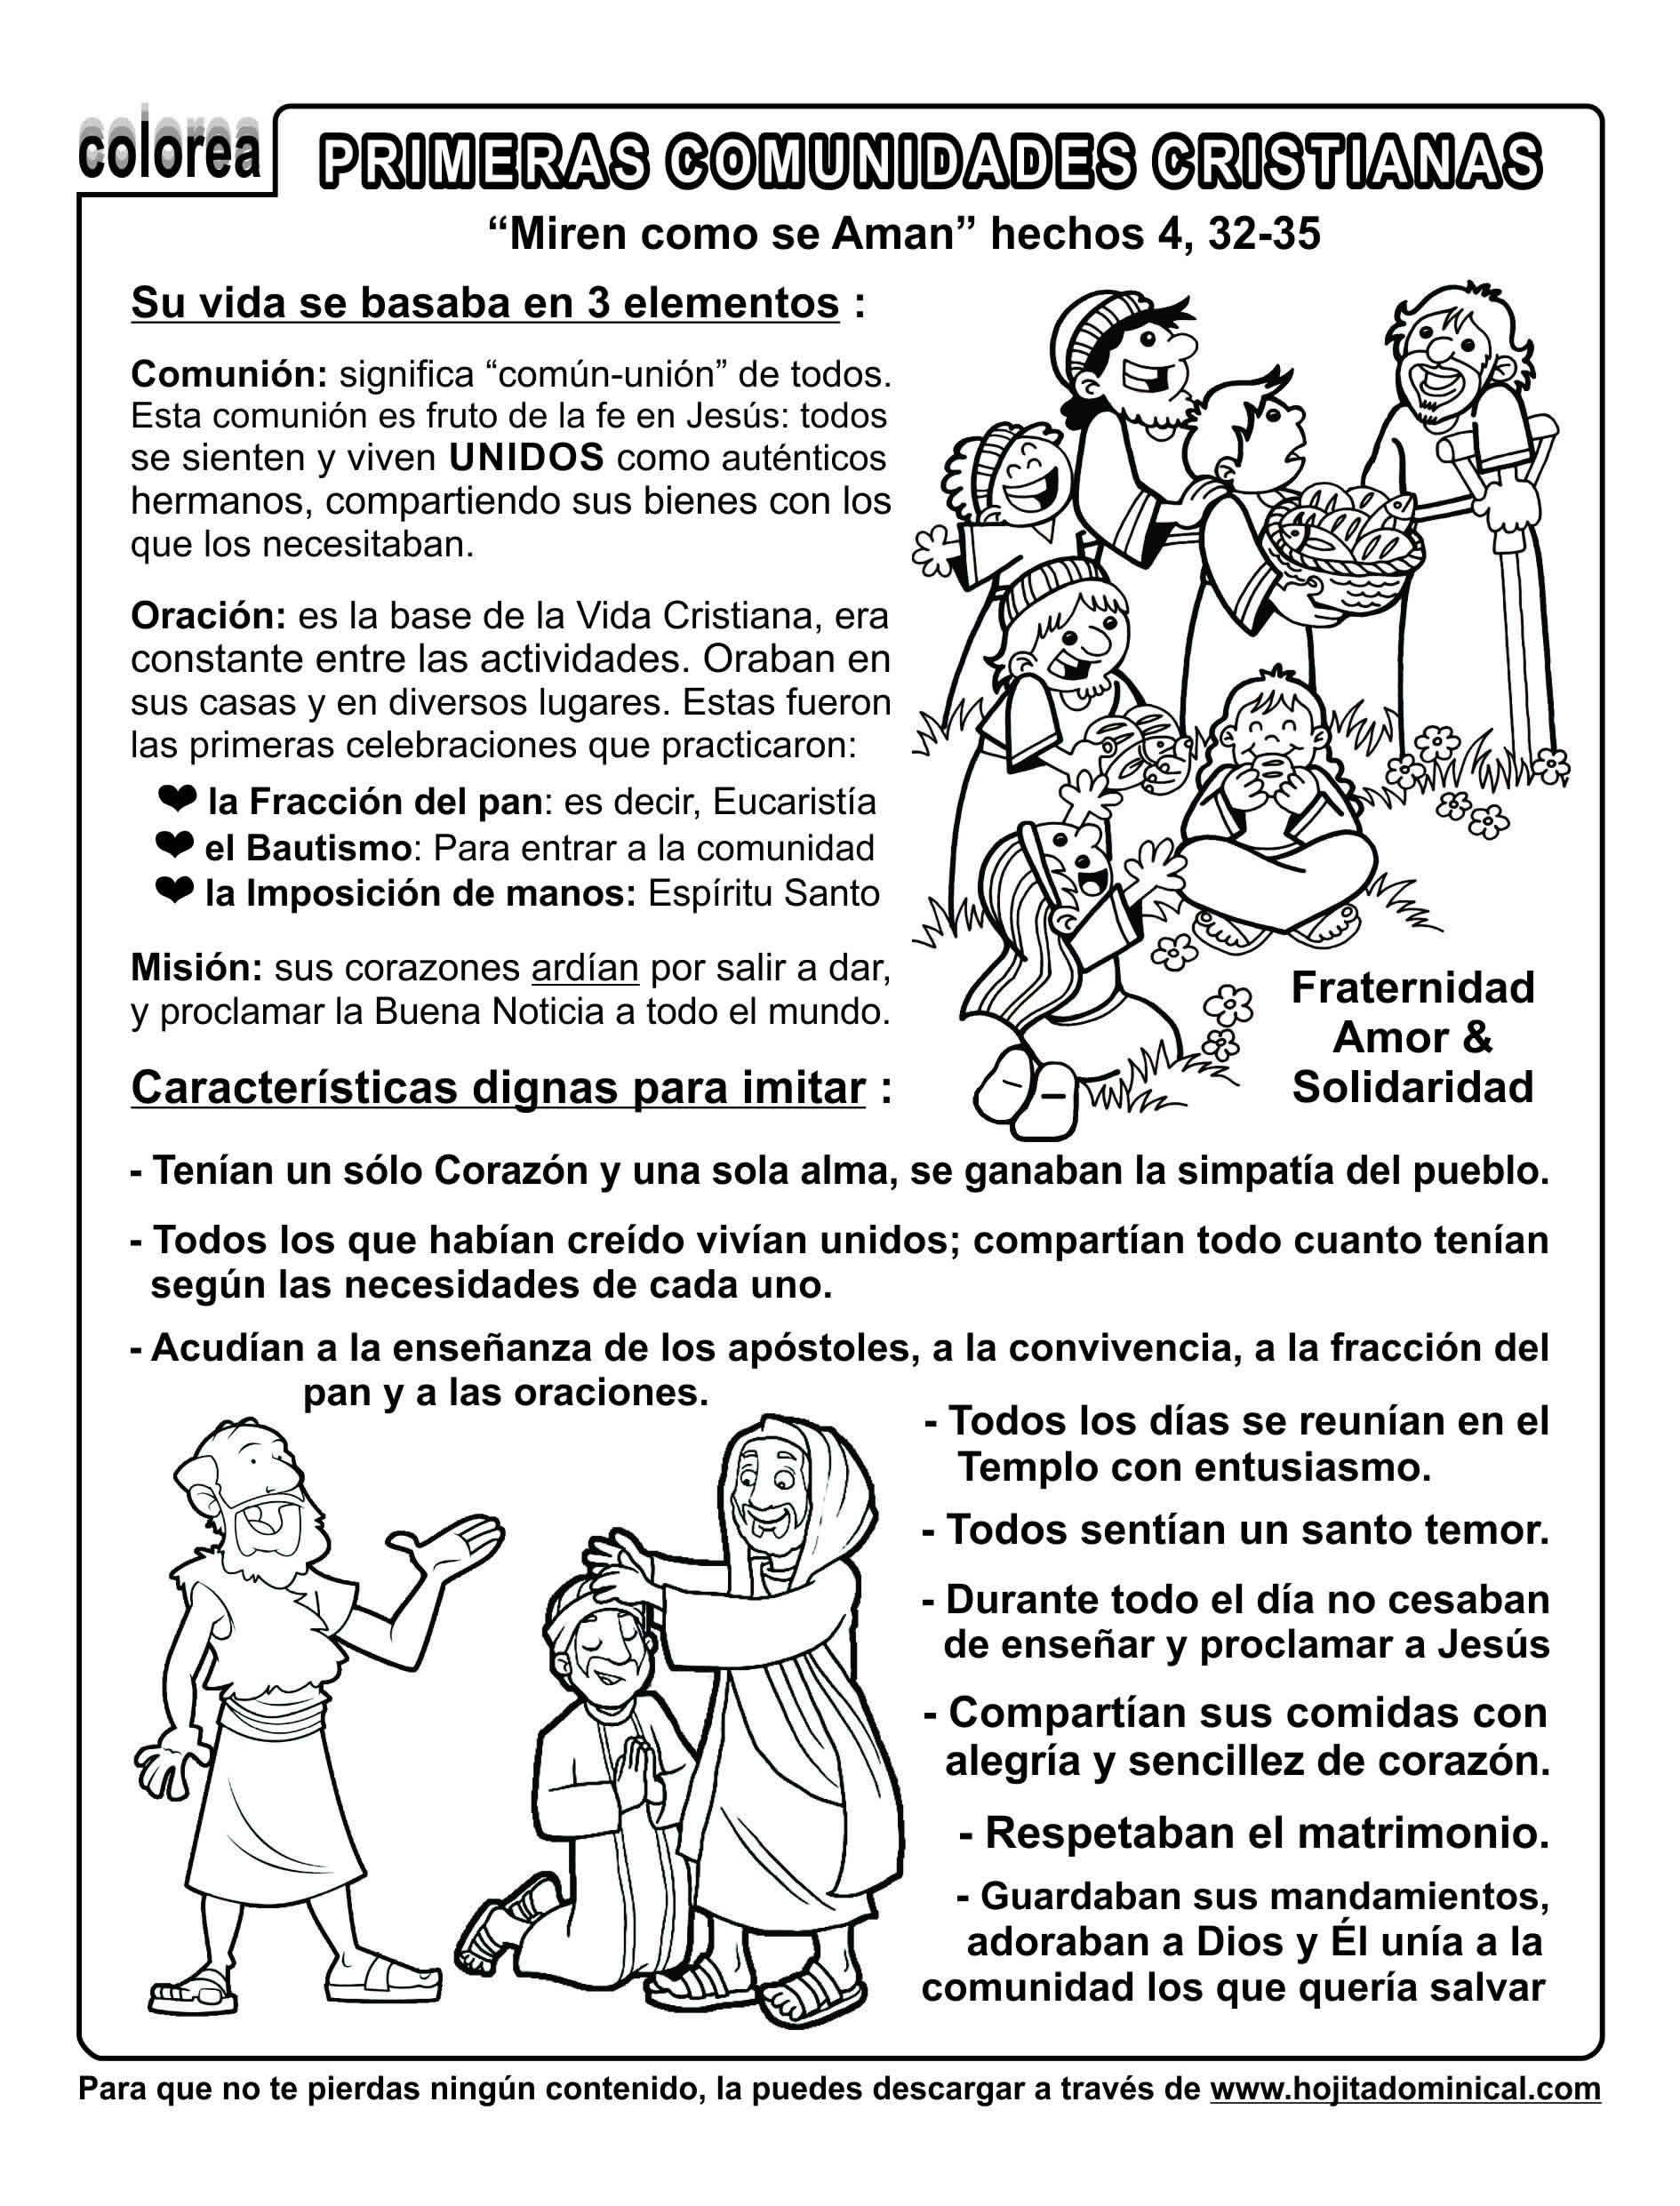 Encantador El Bautismo Católico Para Colorear Adorno - Dibujos Para ...